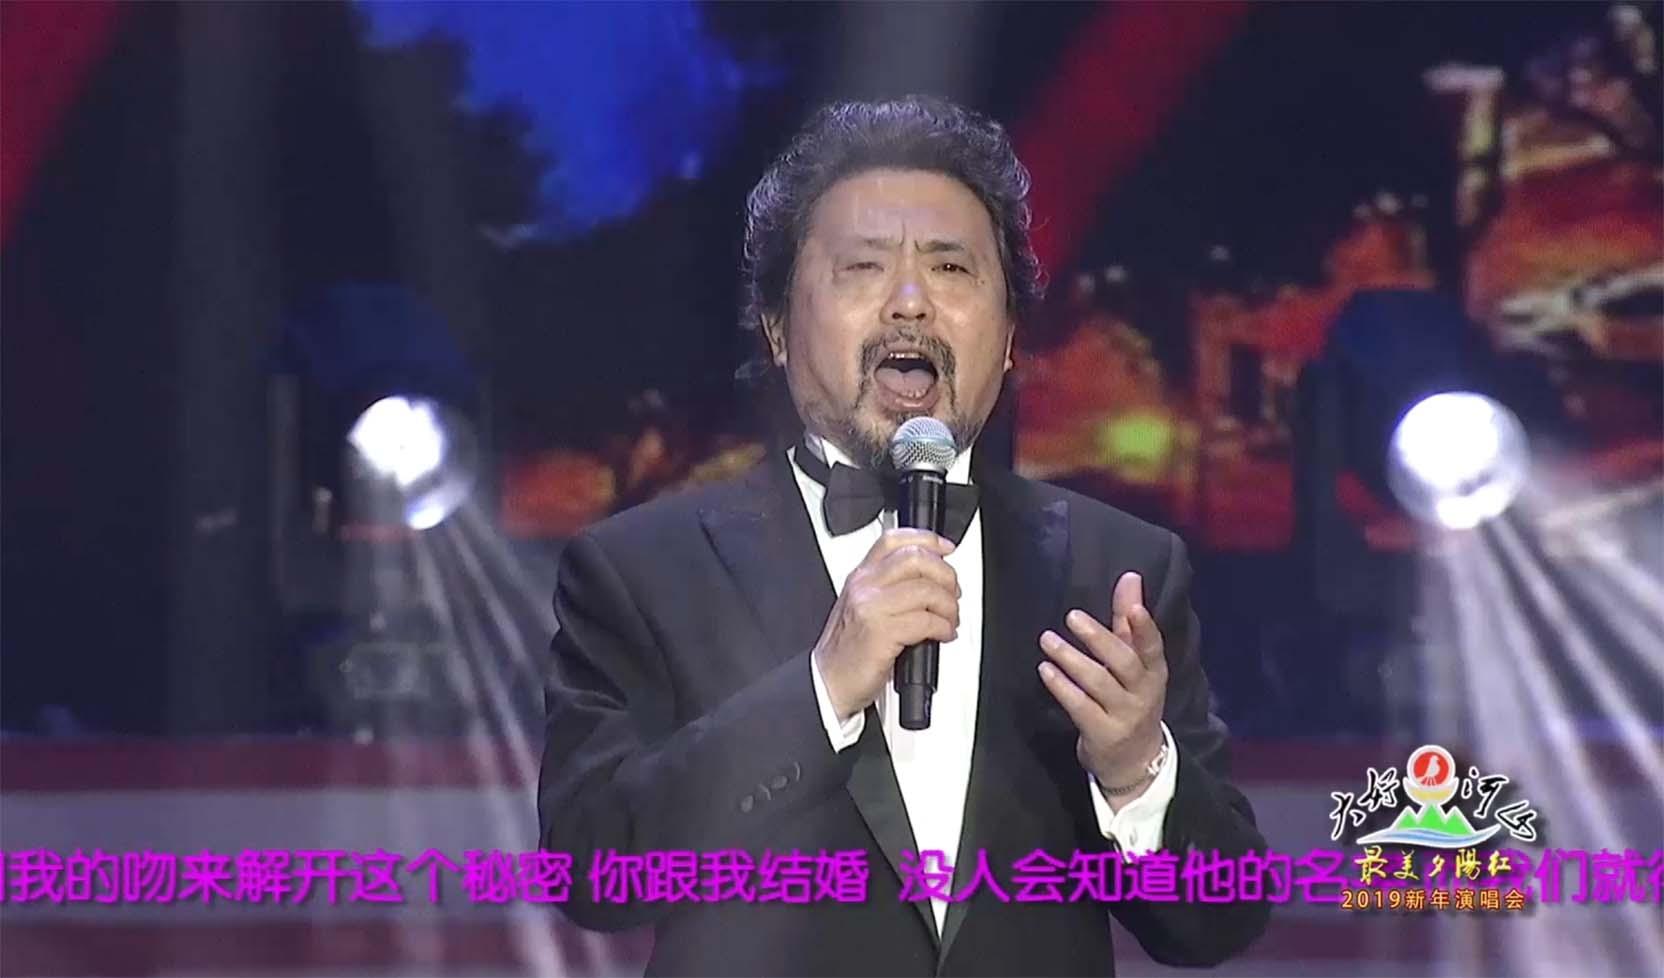 """大好河山2019""""最美夕阳红""""新年公益晚会 歌曲《今夜无人入睡》魏松"""